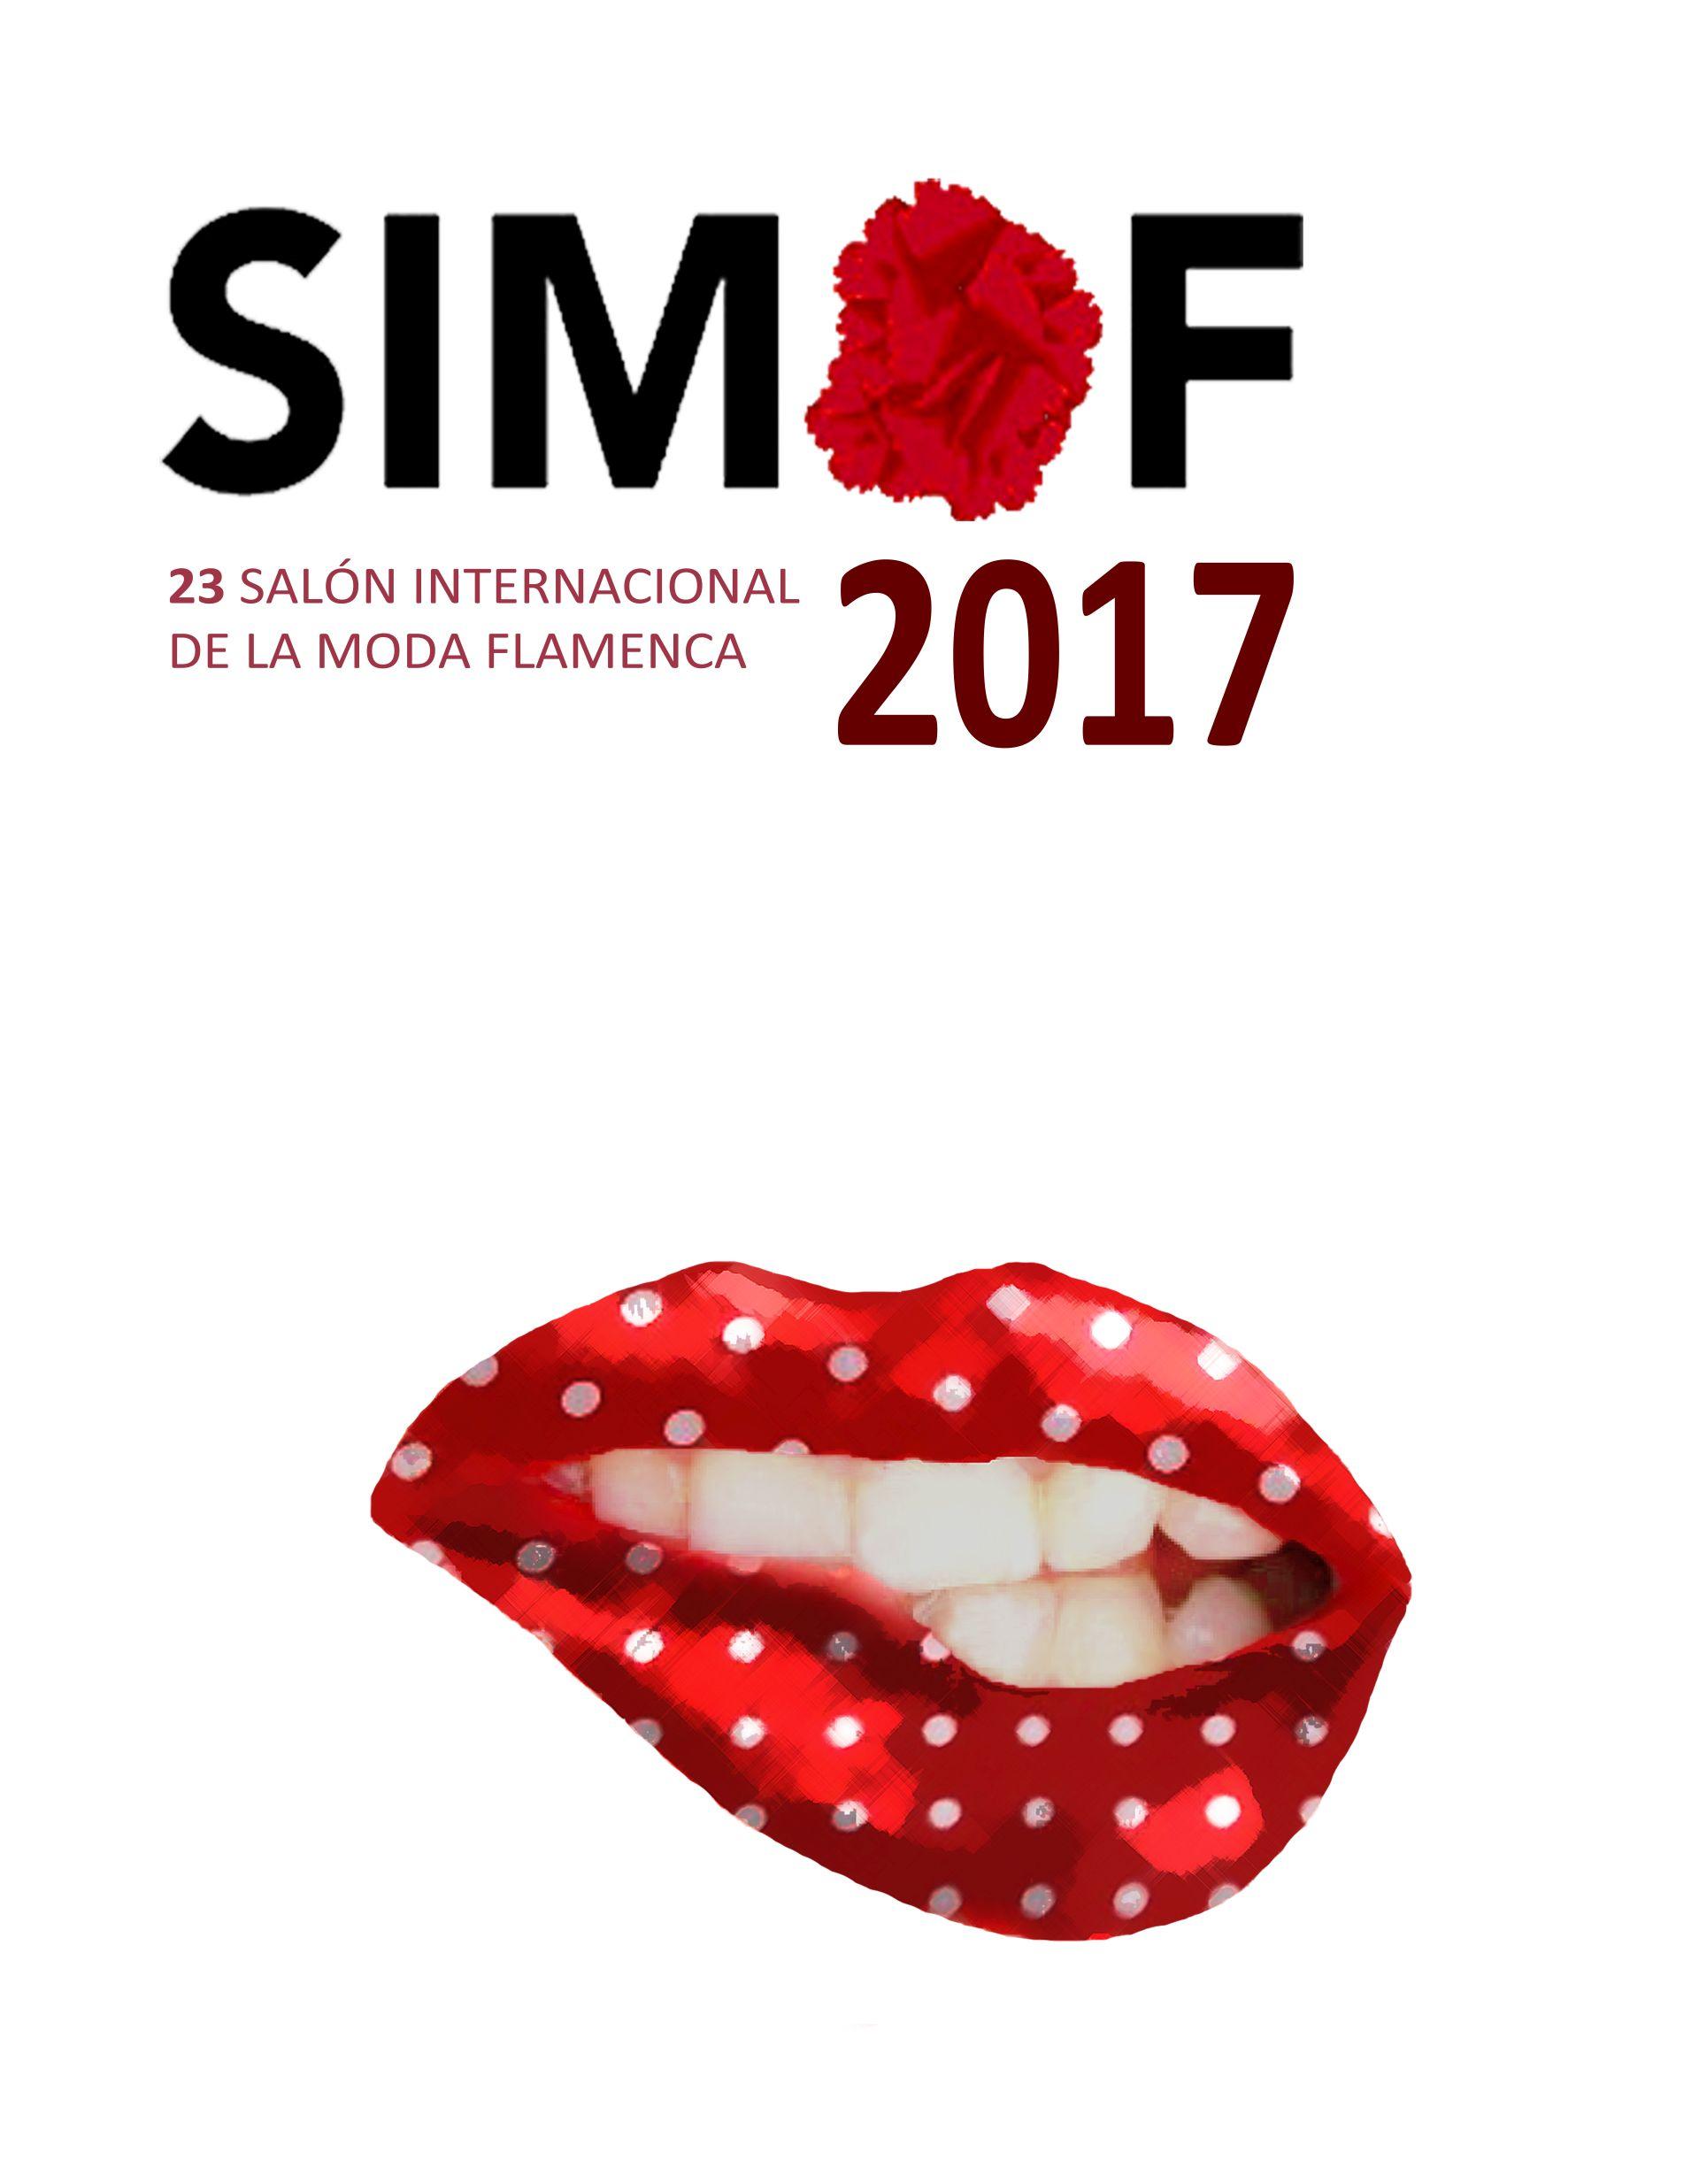 EL XXIII SALÓN INTERNACIONAL DE MODA FLAMENCA, SIMOF 2017, YA CUENTA CON EL CARTEL GANADOR QUE CONFIGURARÁ SU NUEVA IMAGEN